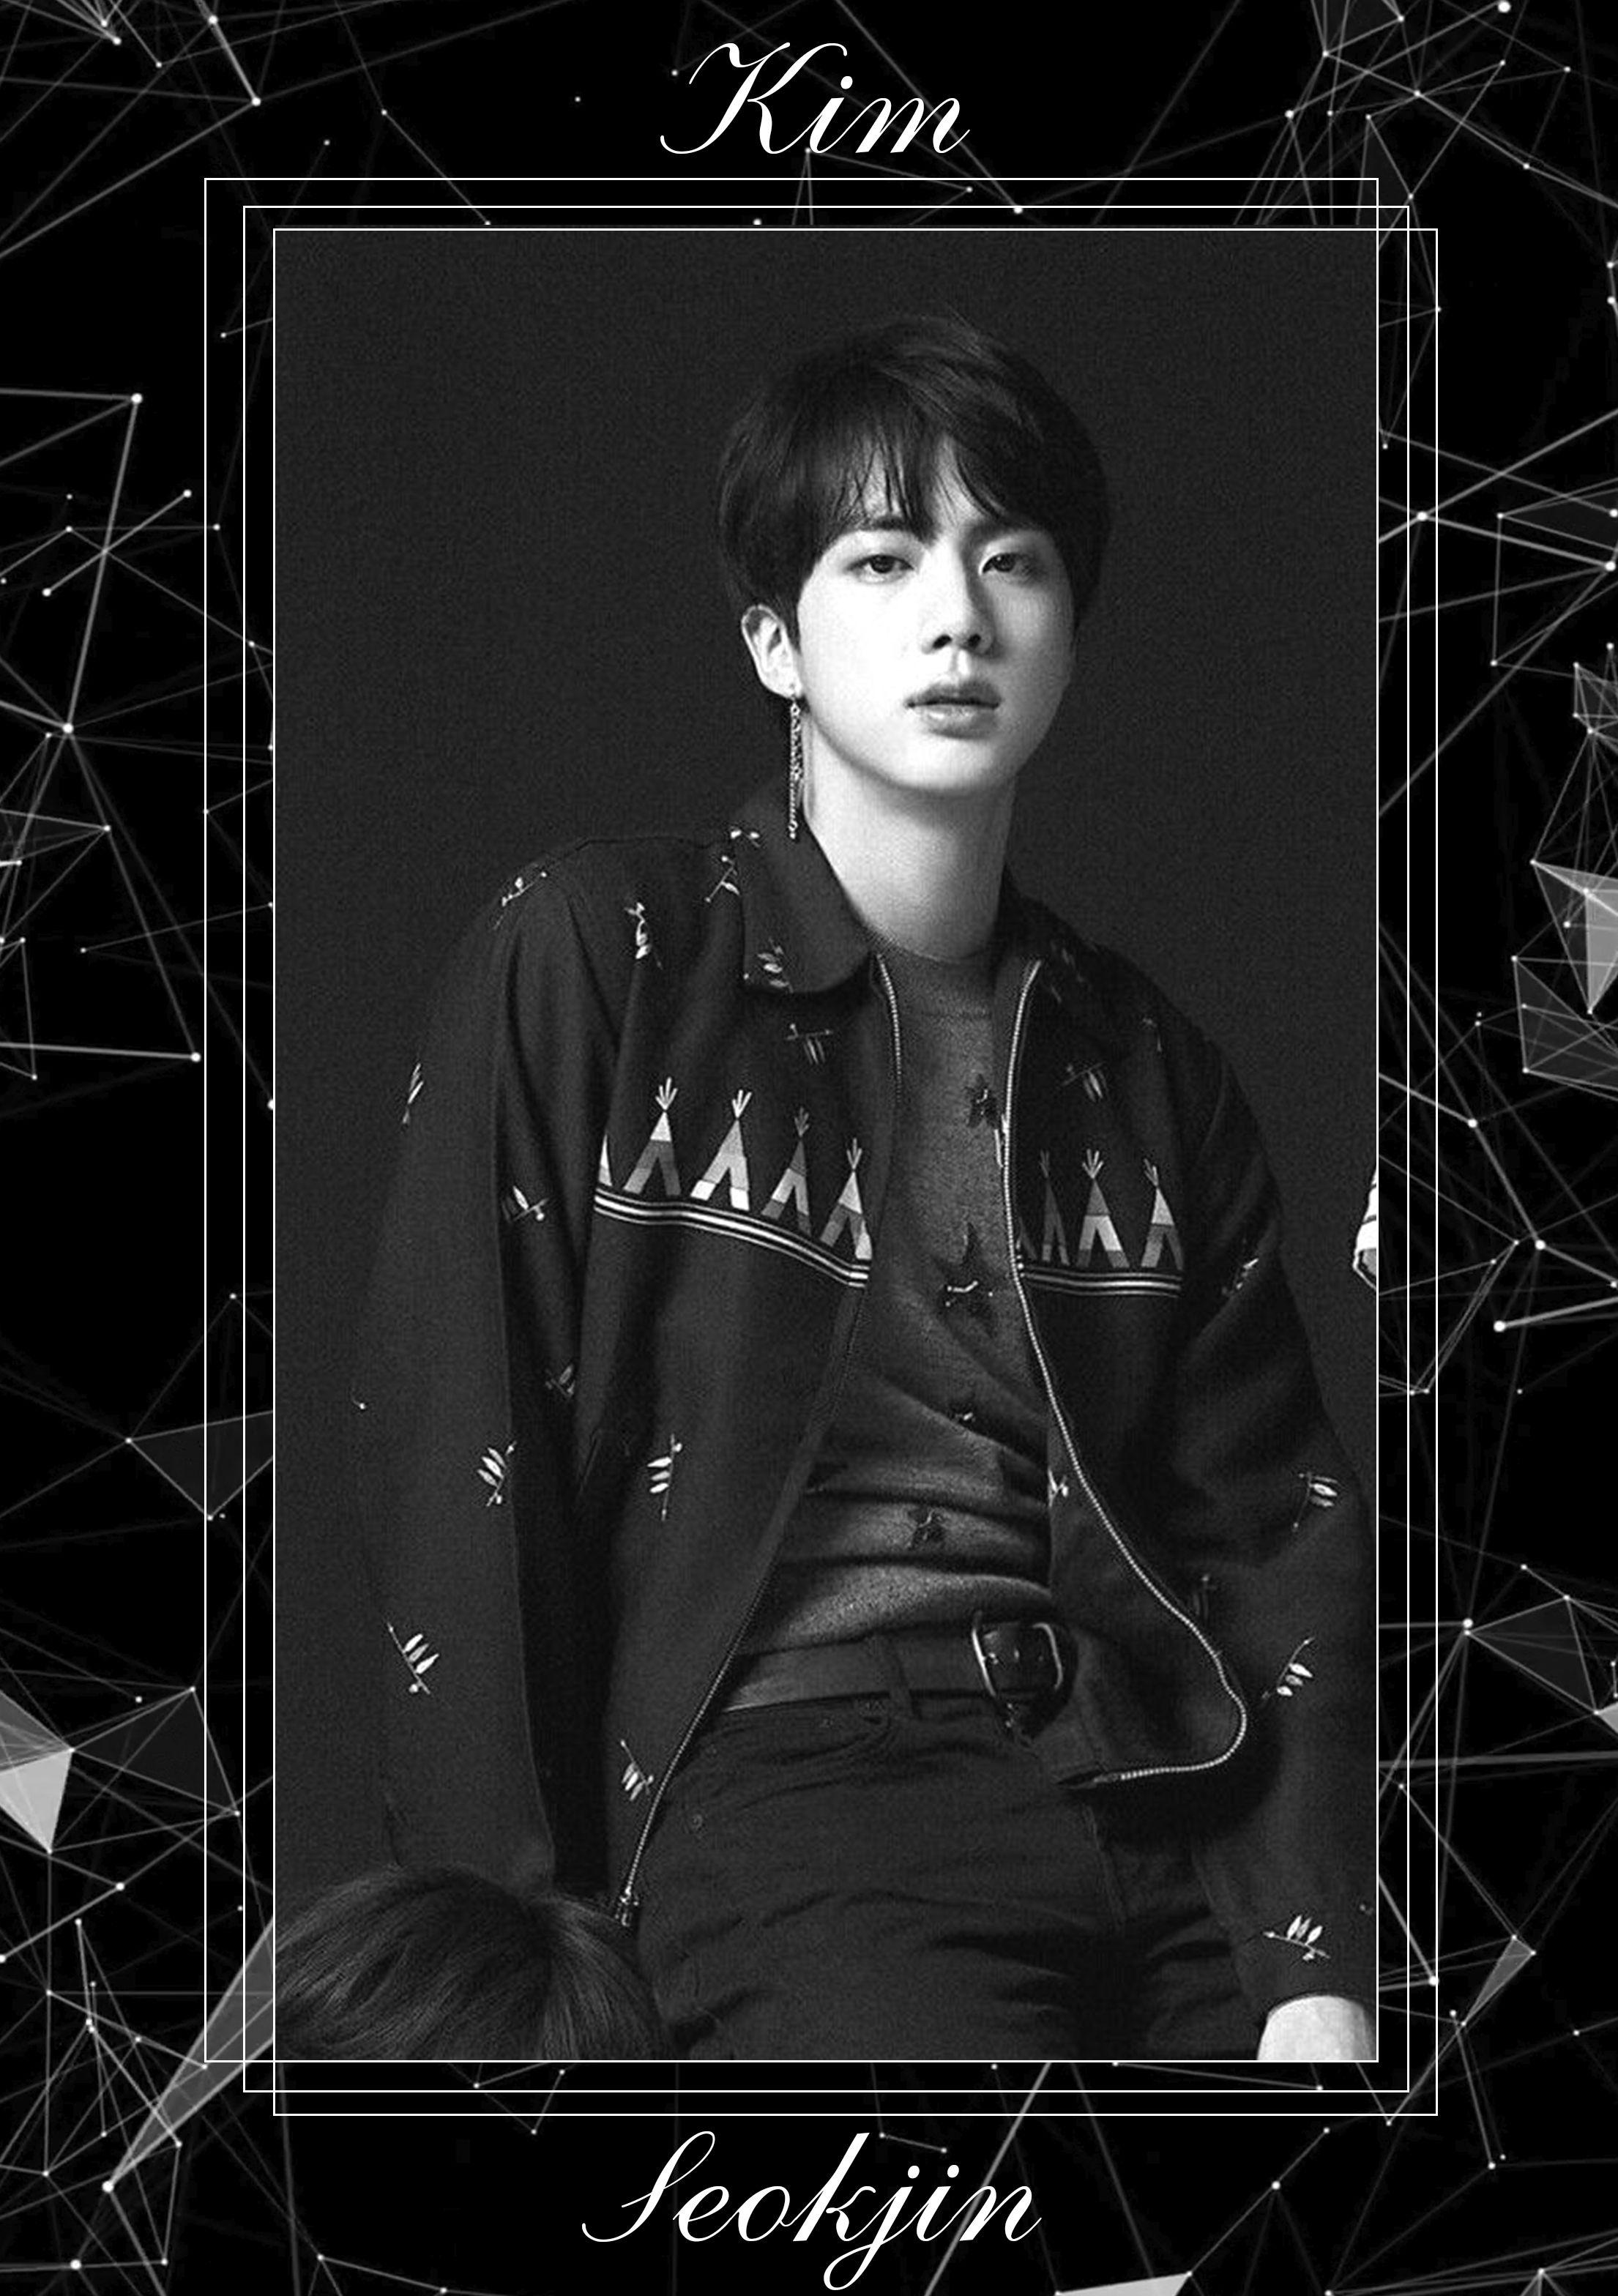 Bts Kim Seokjin Black Wallpaper Suami Saya Suami